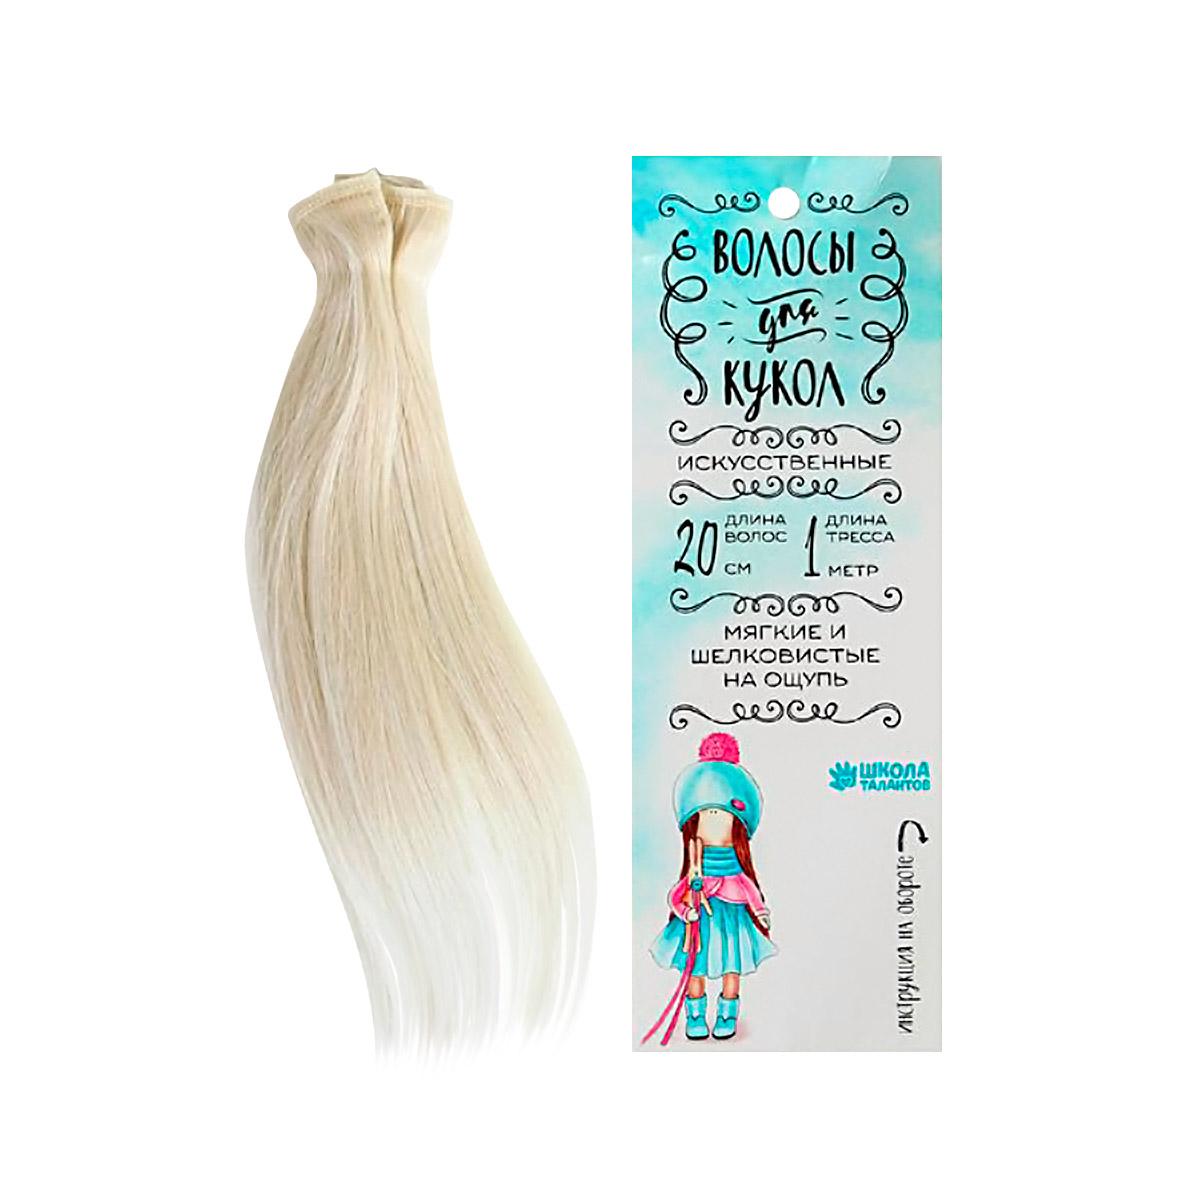 3588483 Волосы - тресс для кукол 'Прямые' длина волос 20 см, ширина 100 см